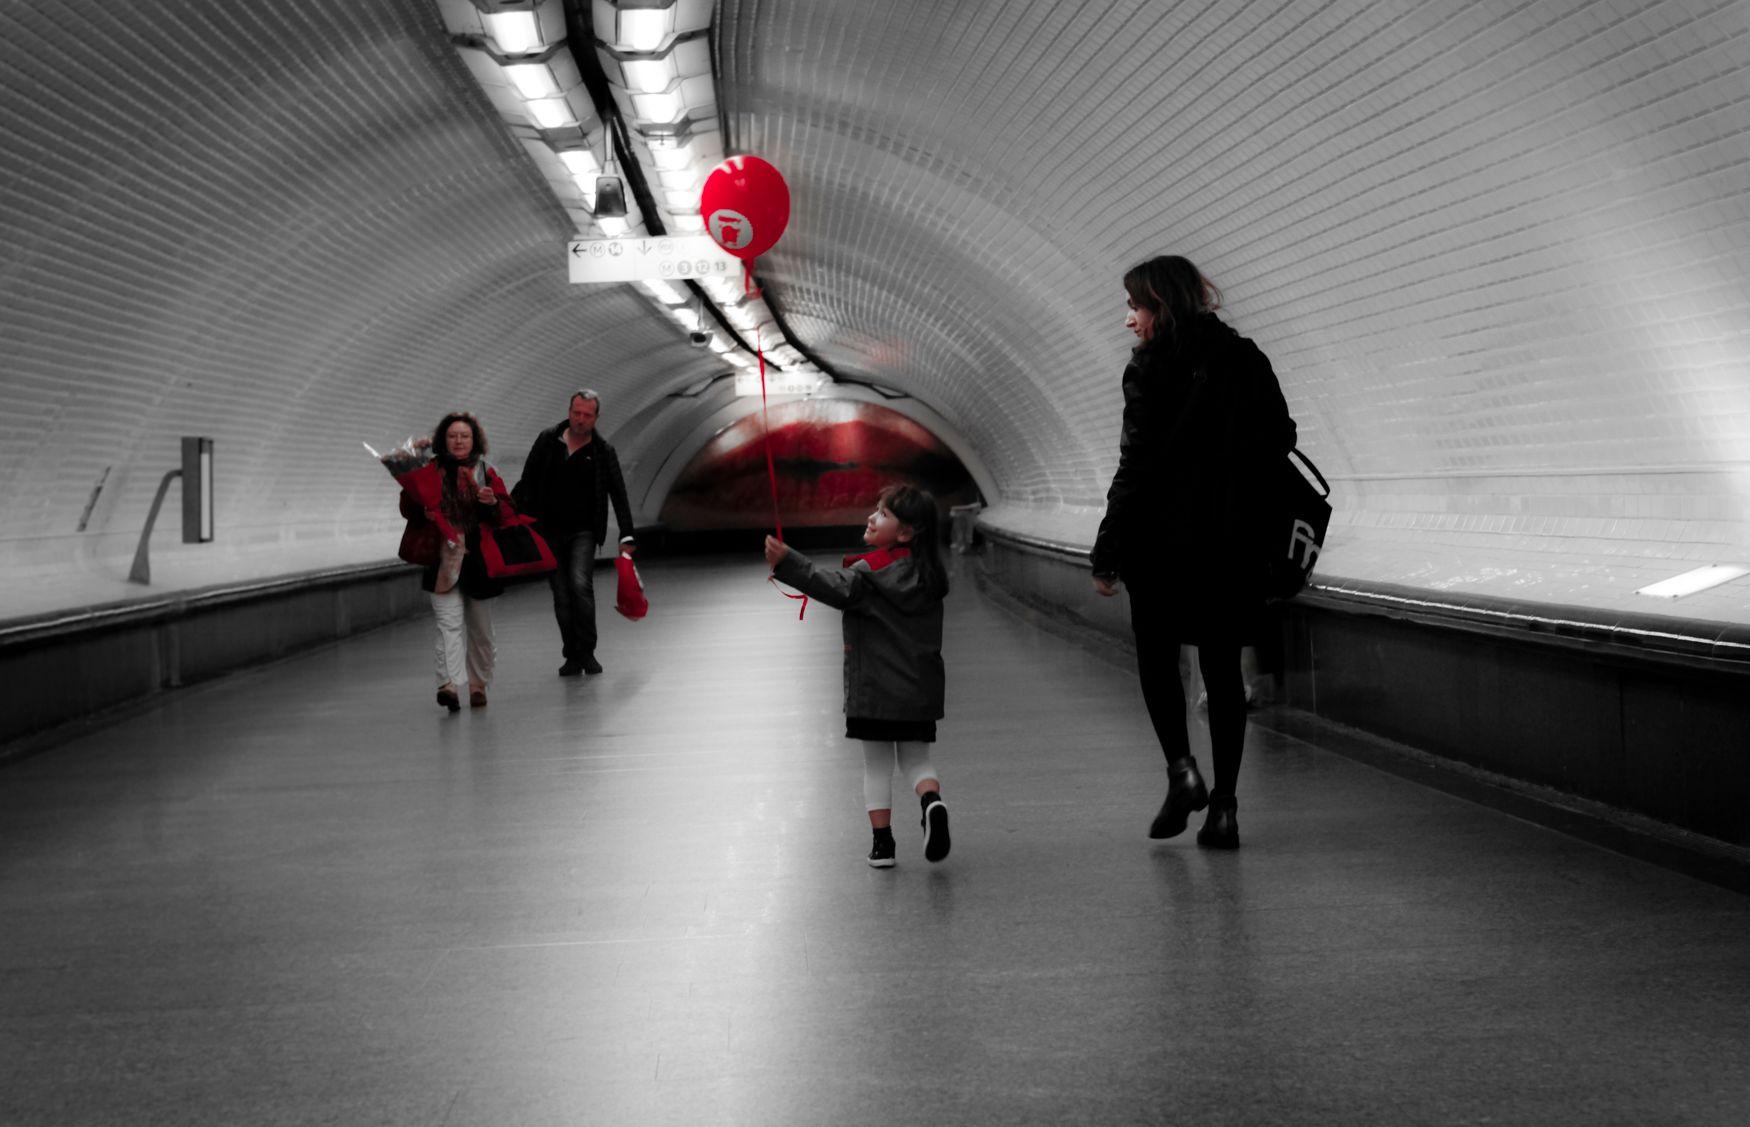 ParisRising-RedBalloon-8619.jpg